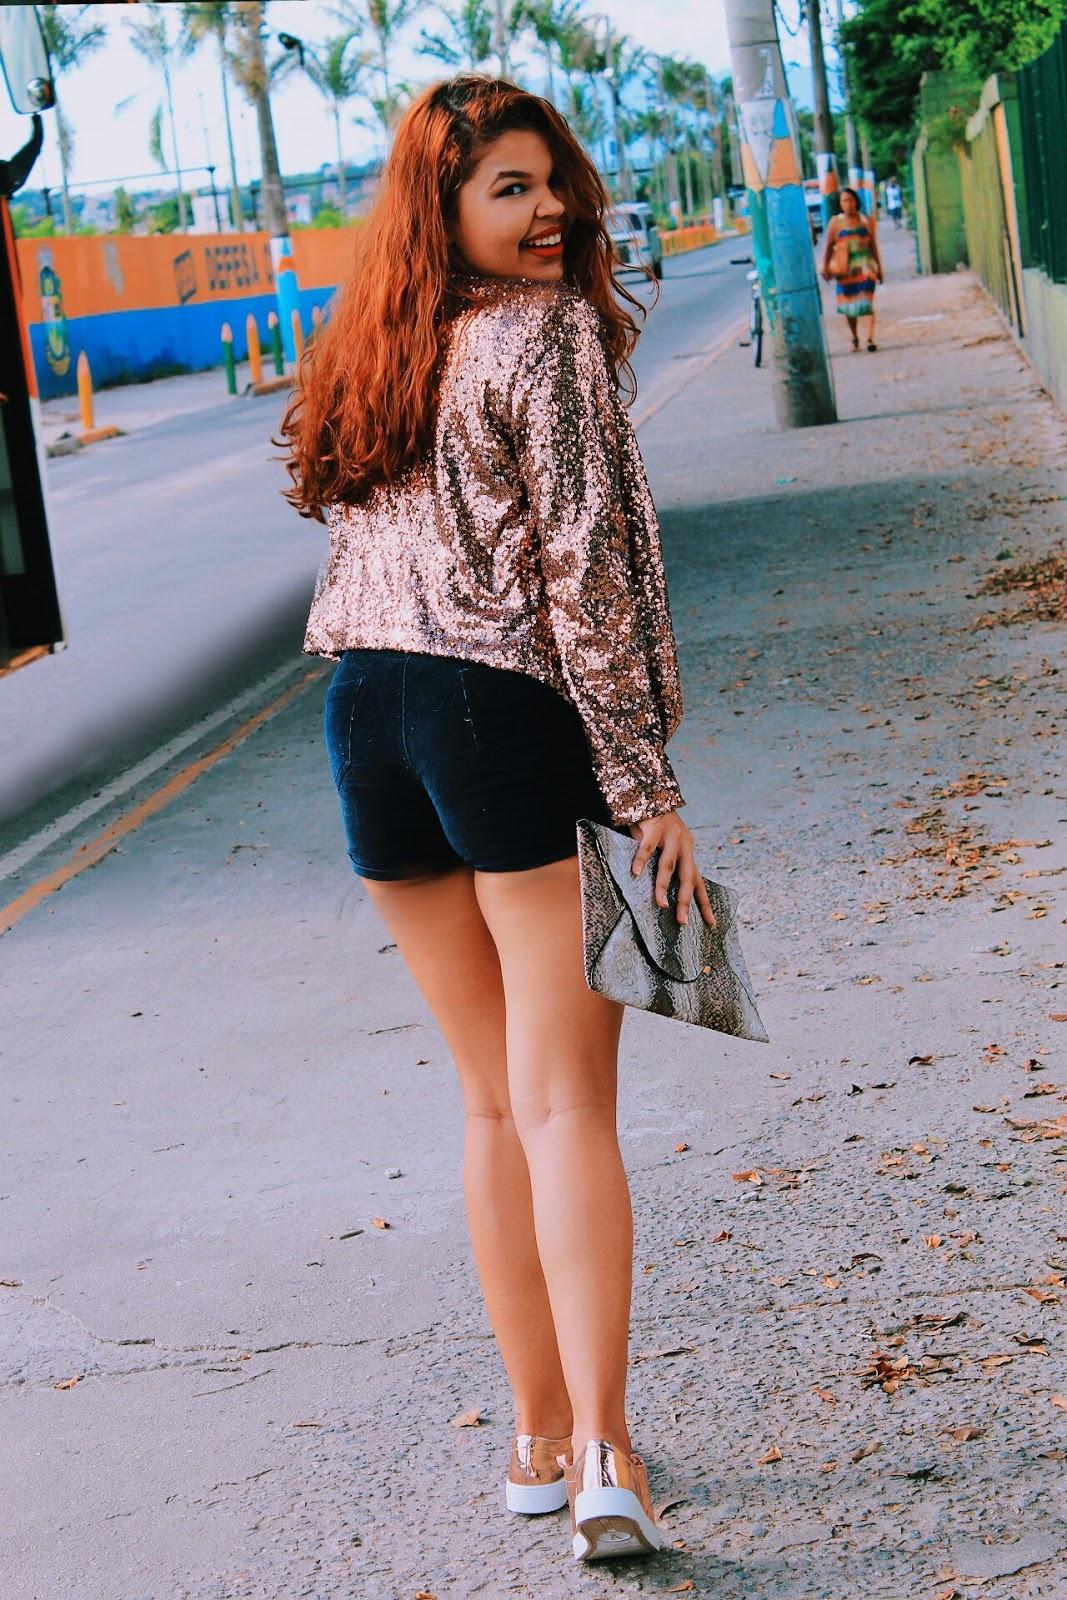 look paetês, look blazer paetê, look tênis metalizado vizzano, look ruiva, cabelo ondulado, ingrid gleize, look fashion, look da china